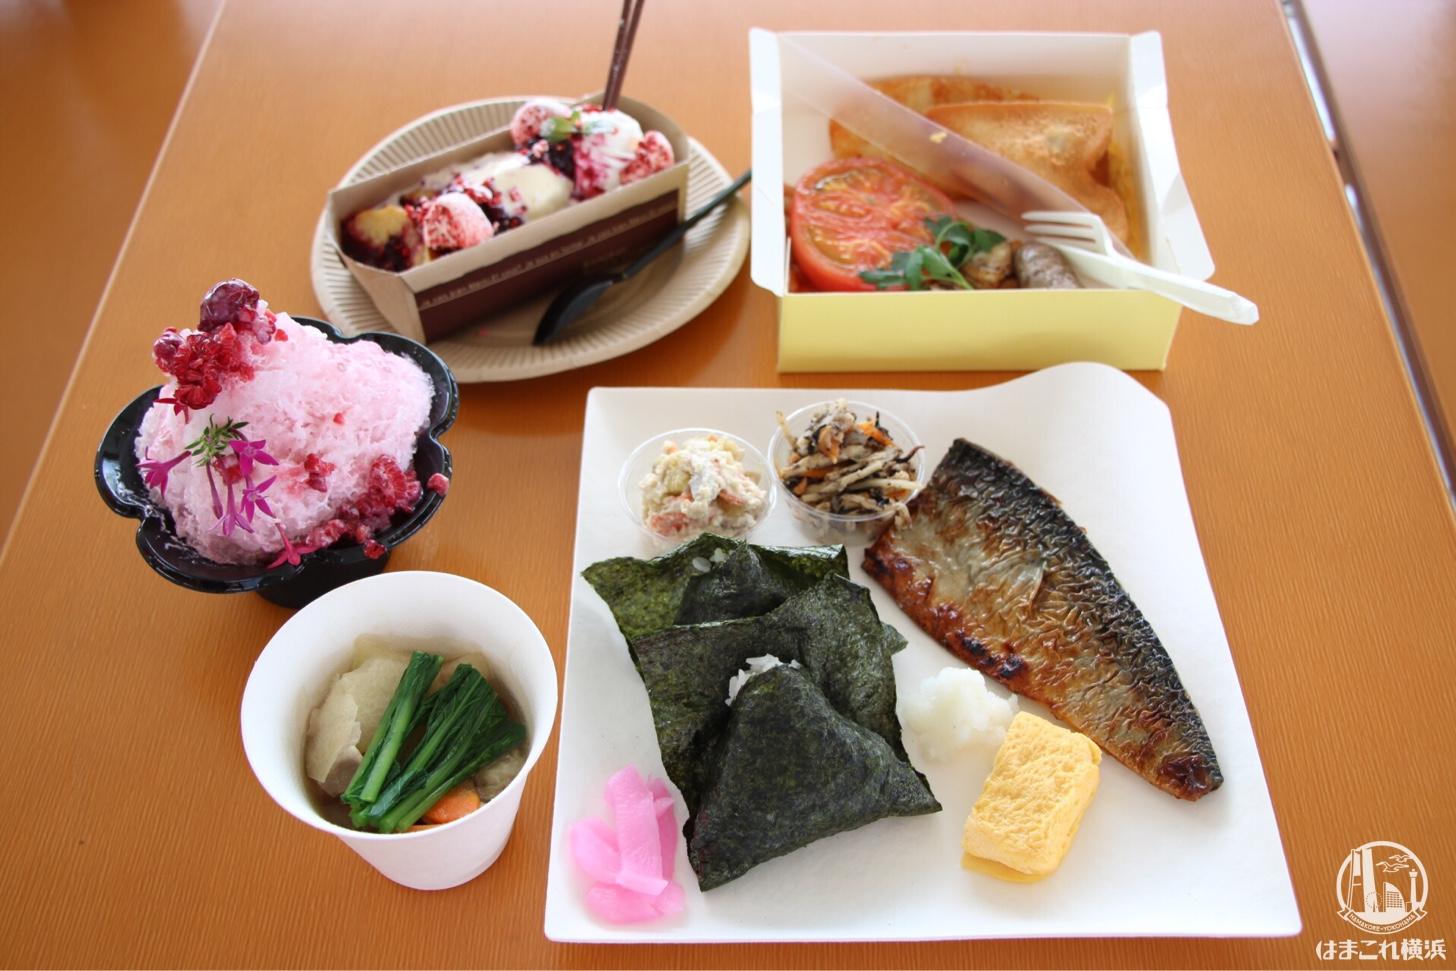 横浜赤レンガ倉庫「みんなの朝」各朝食